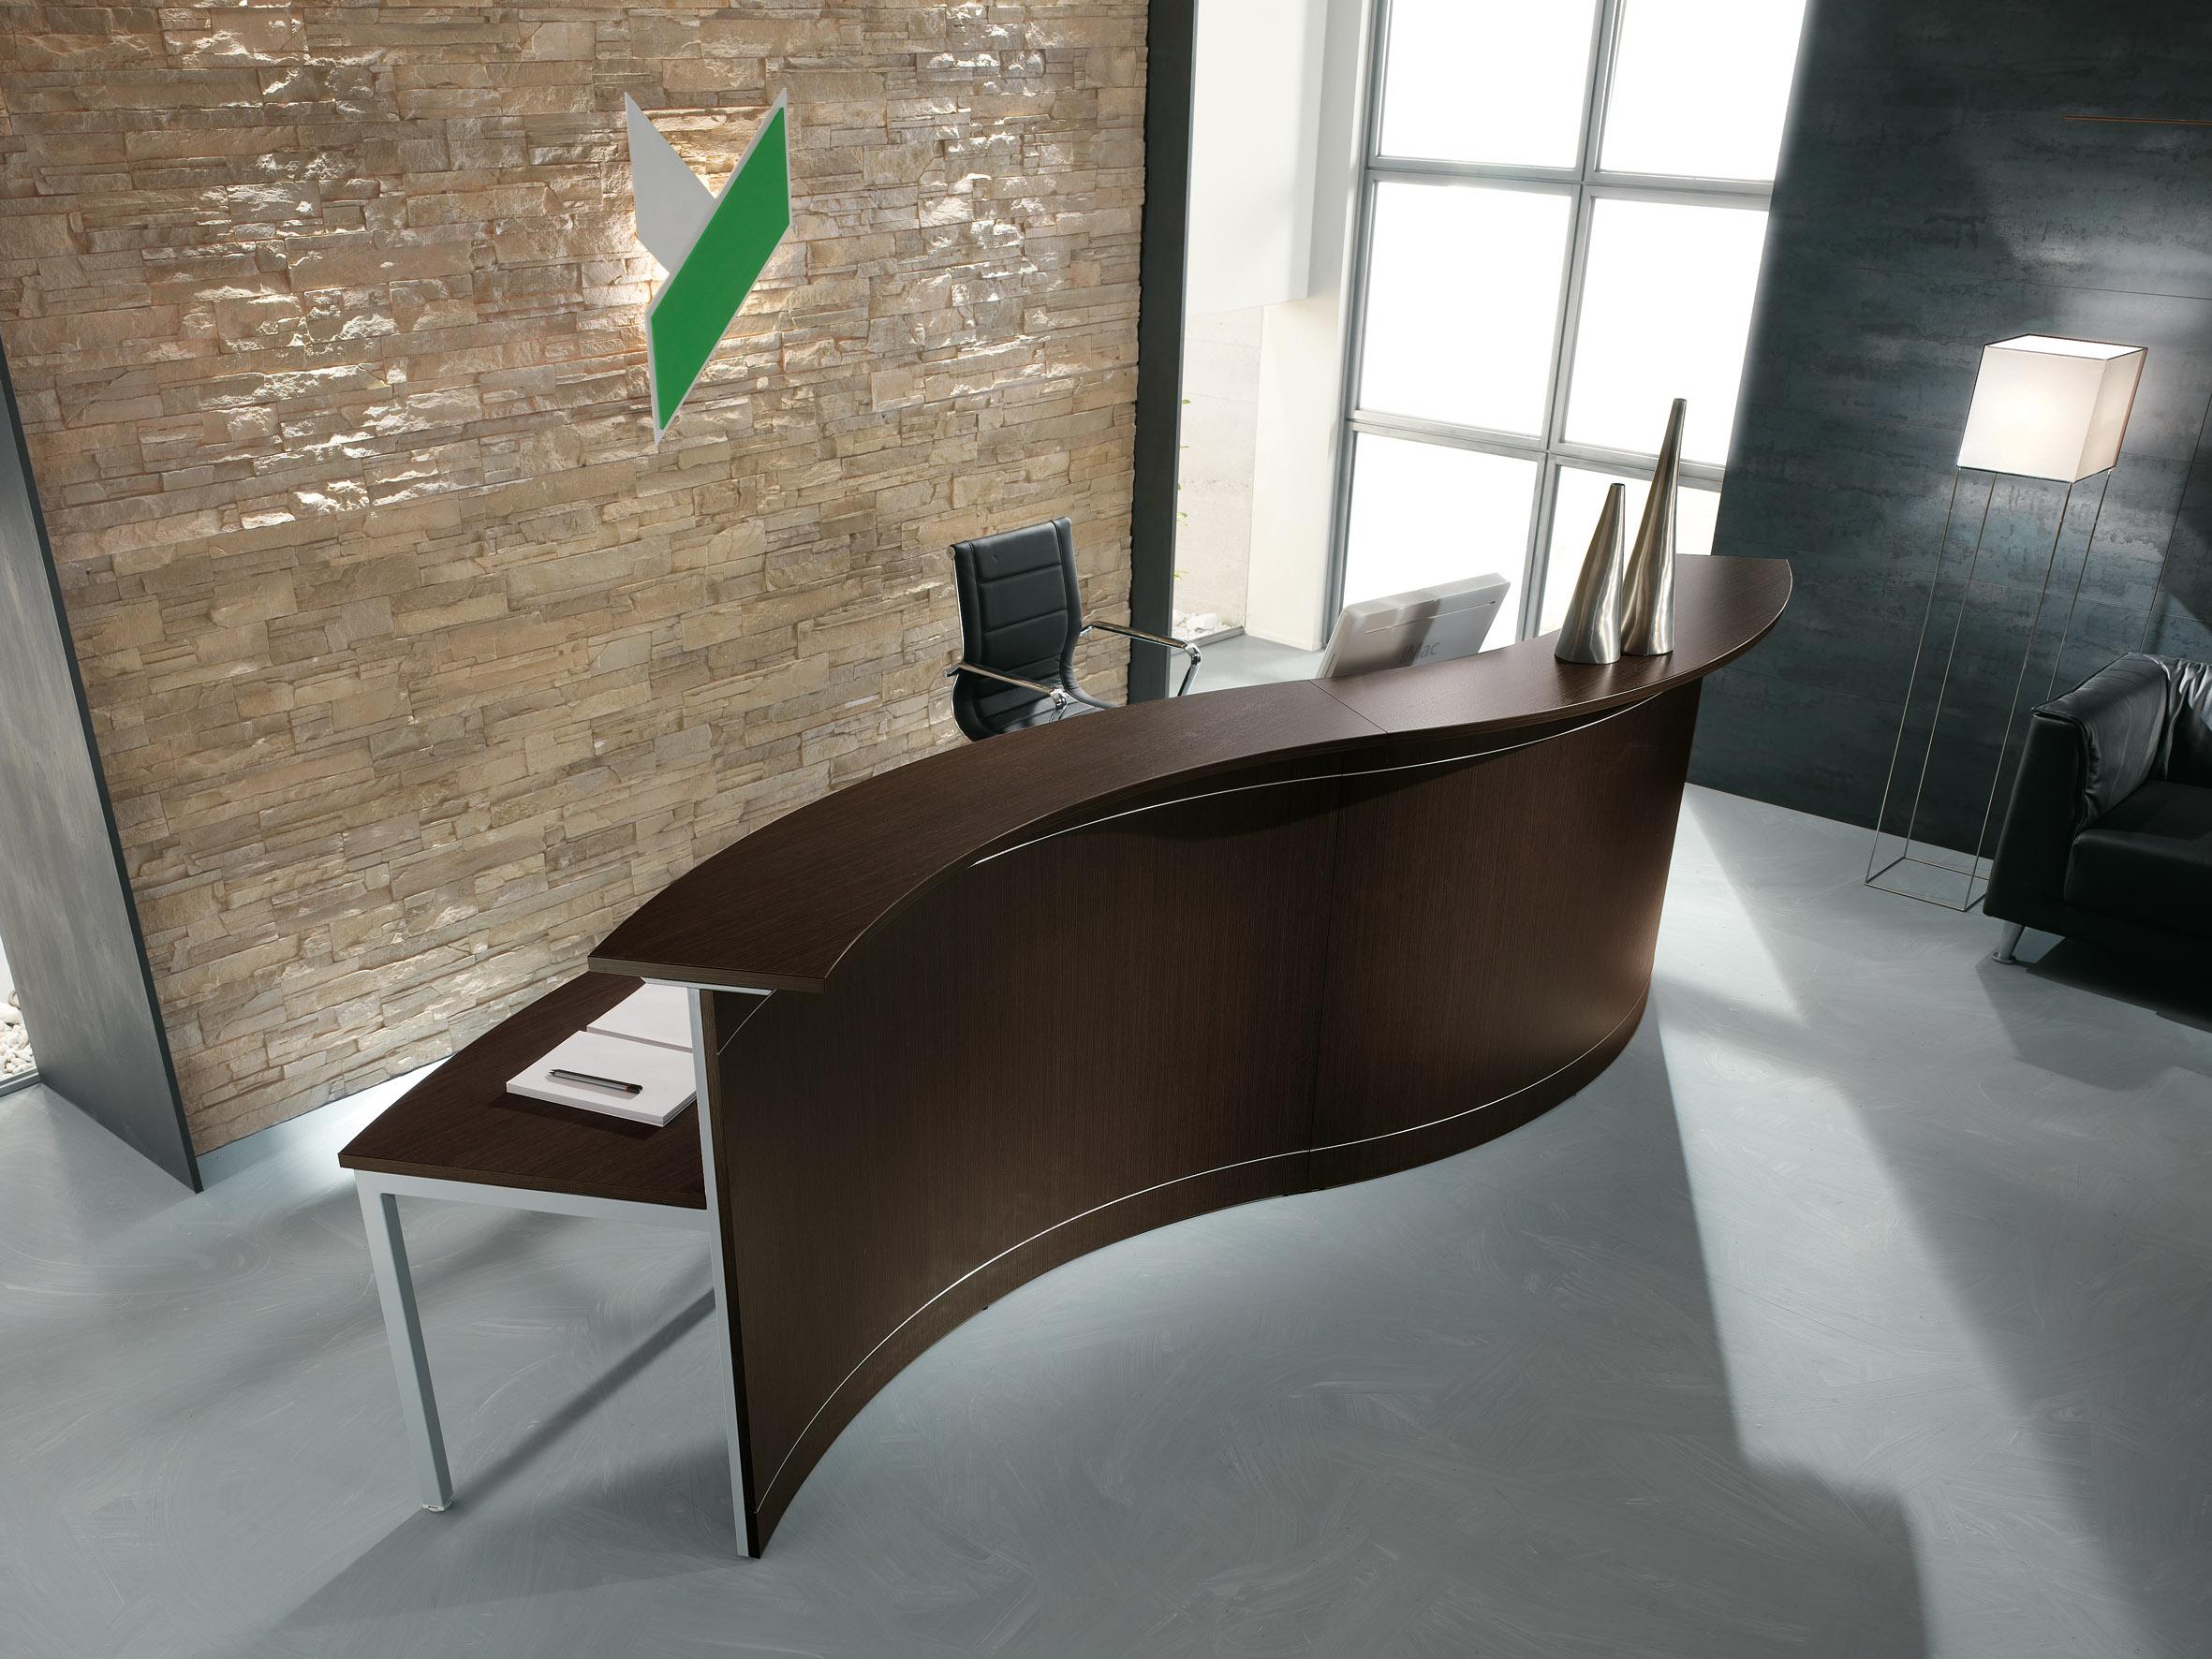 Reception ufficio ad onda dimensioni 4metri for Reception ufficio